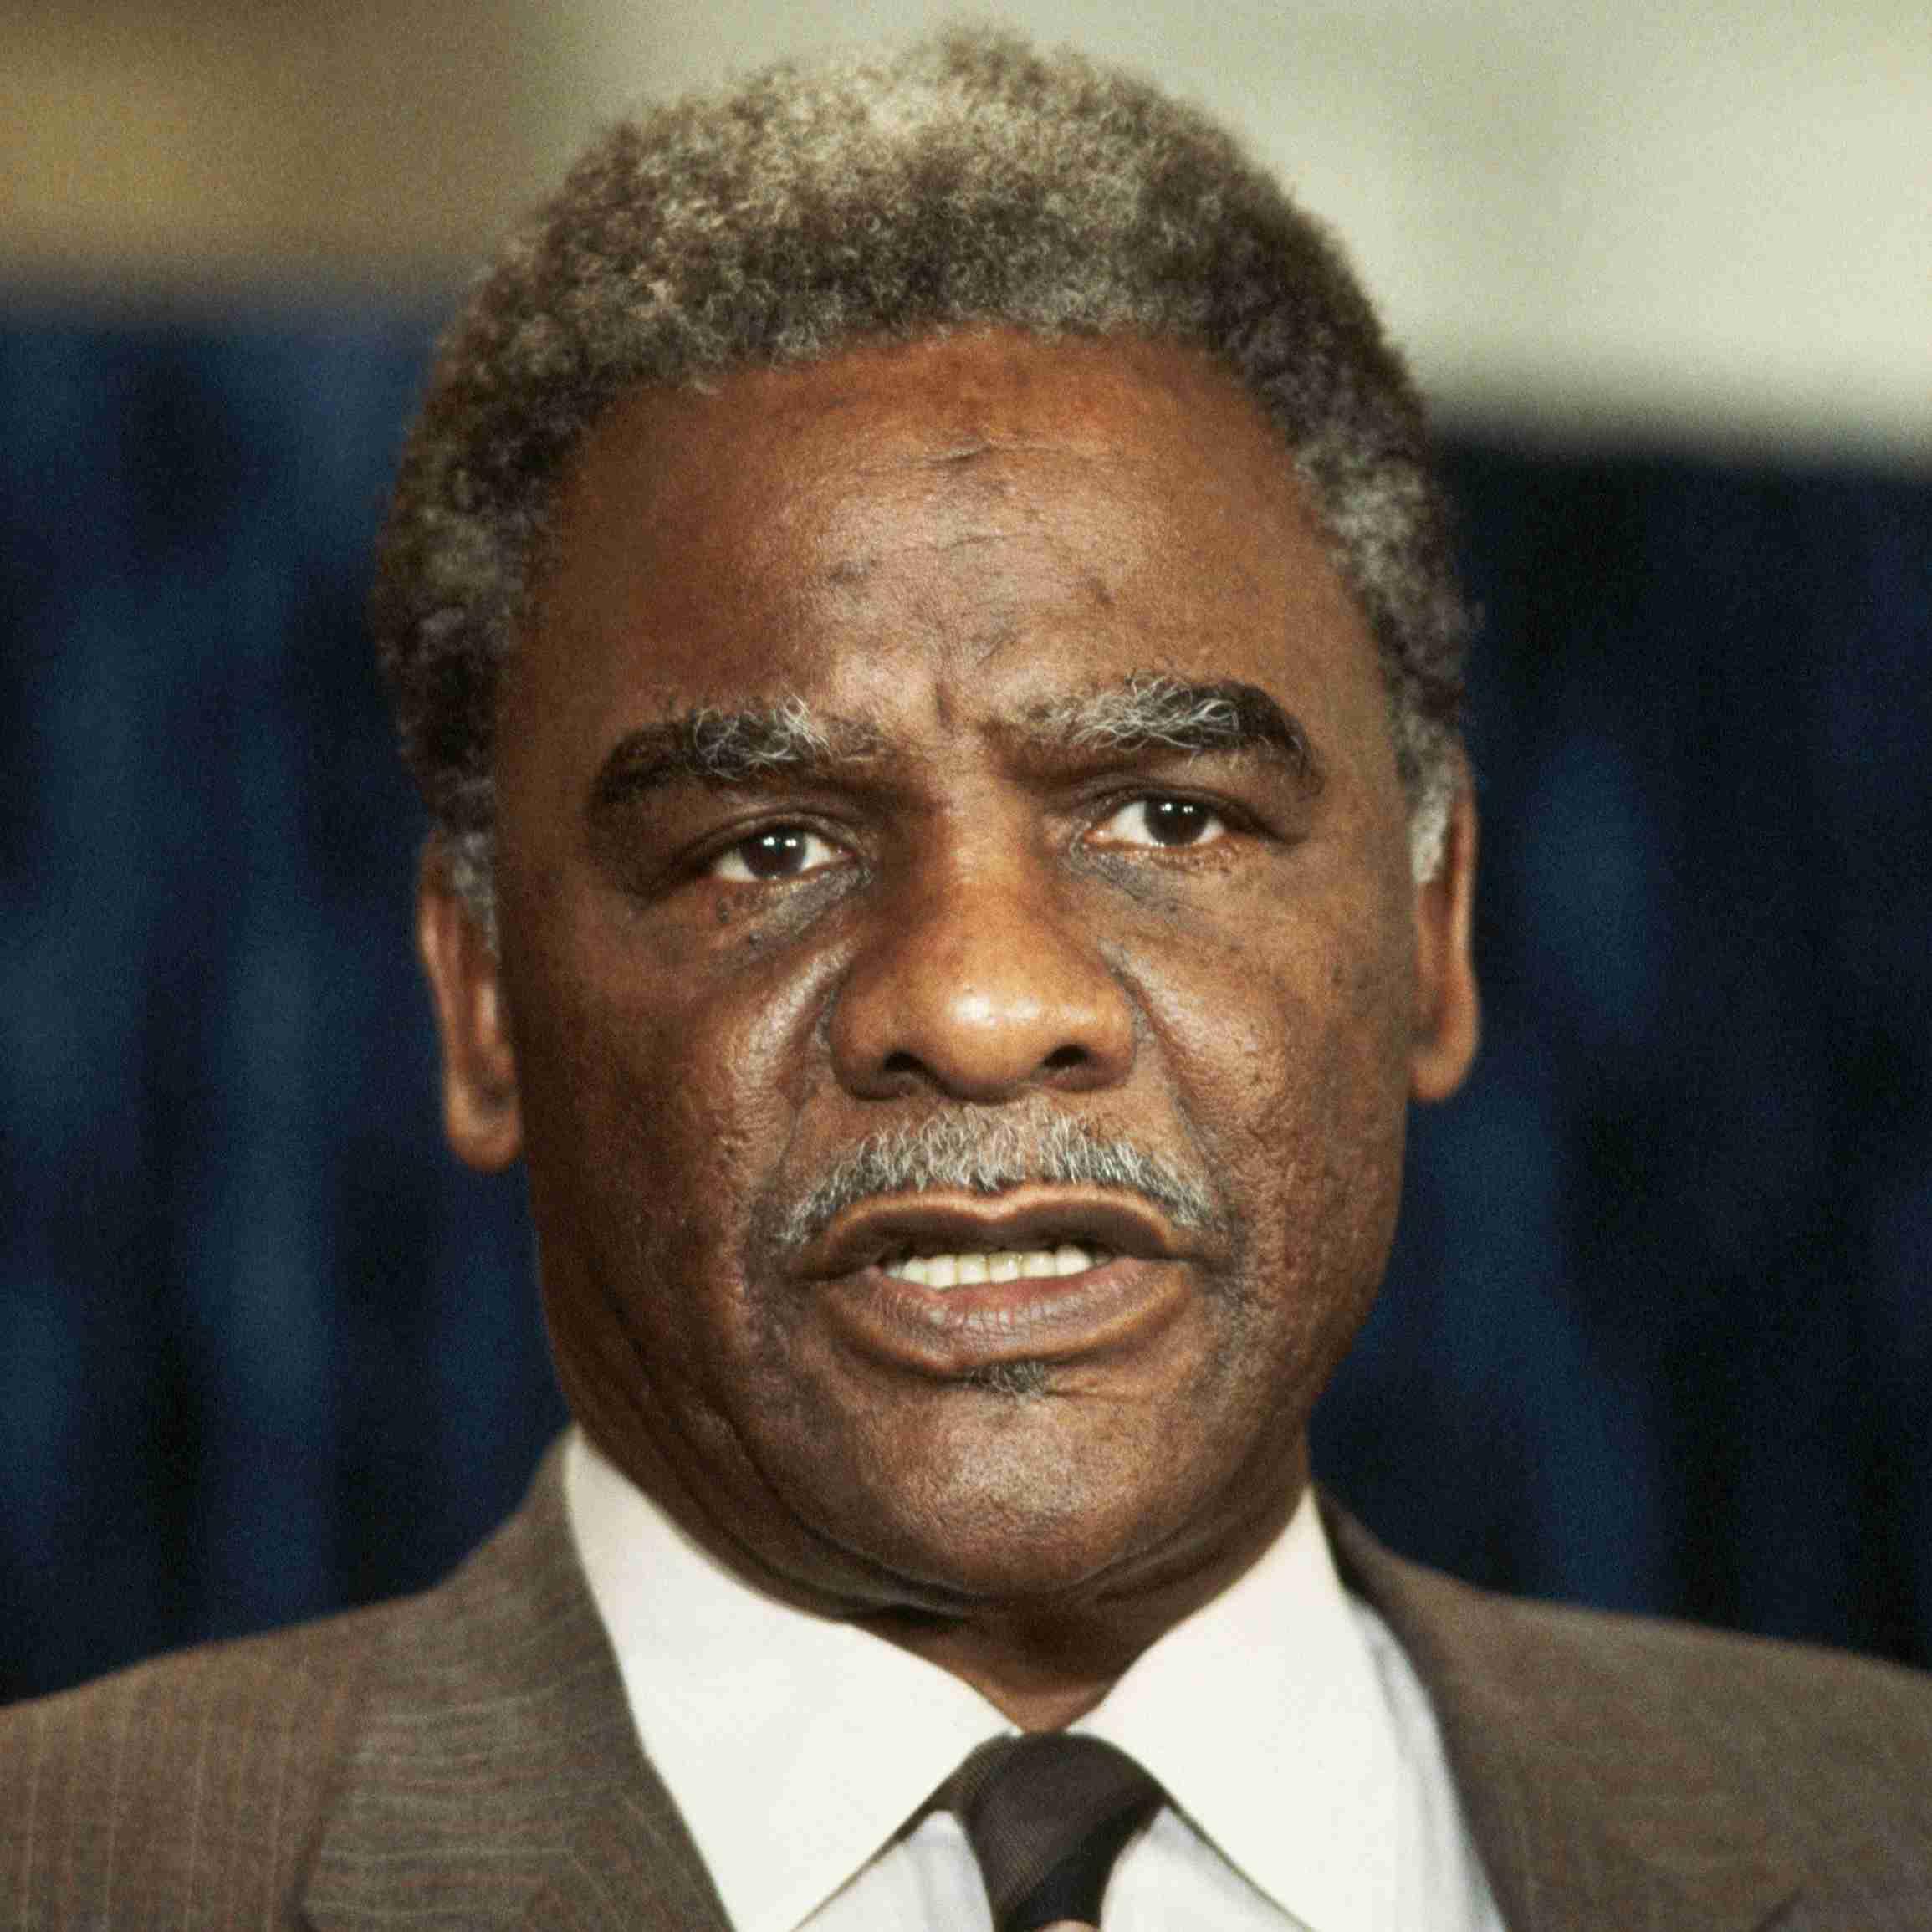 El alcalde de Chicago, Harold Washington